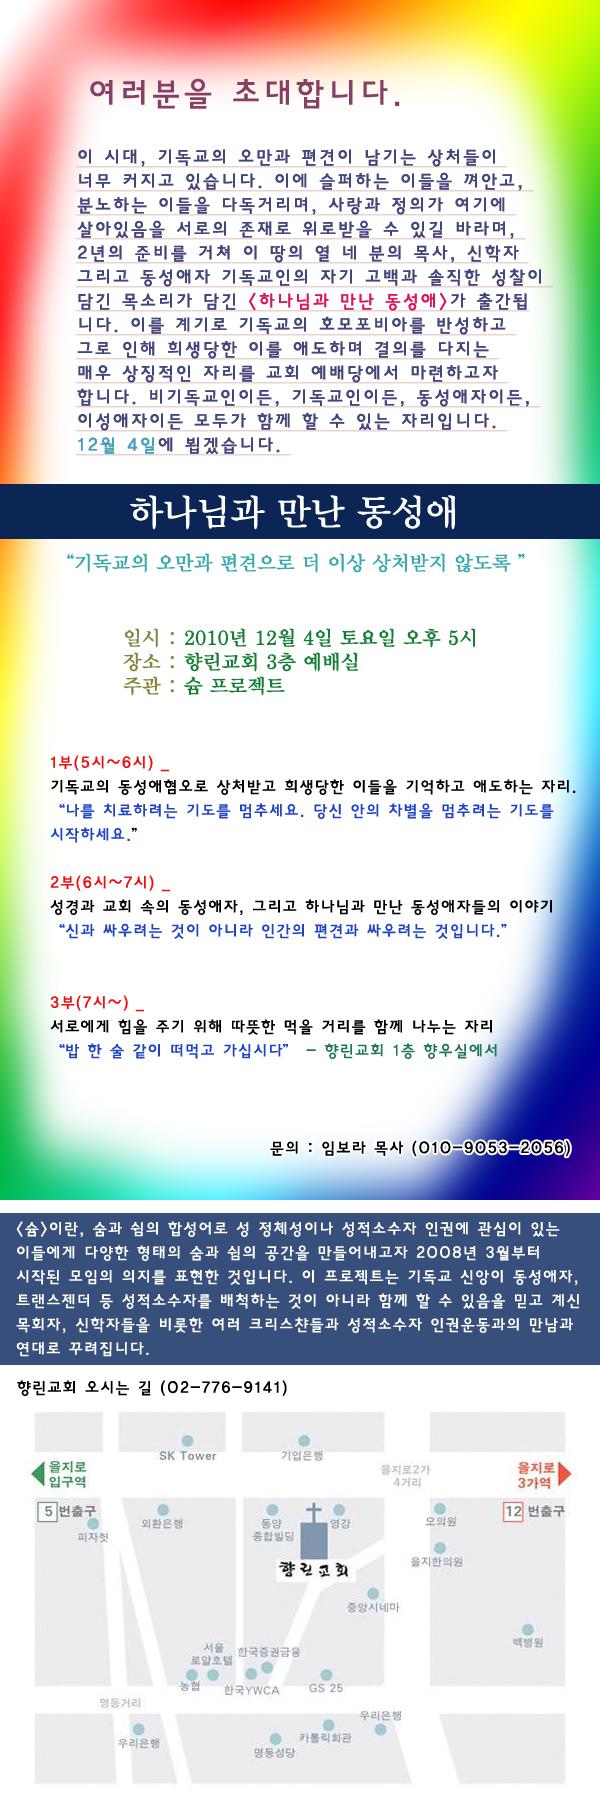 101126_hyang.jpg